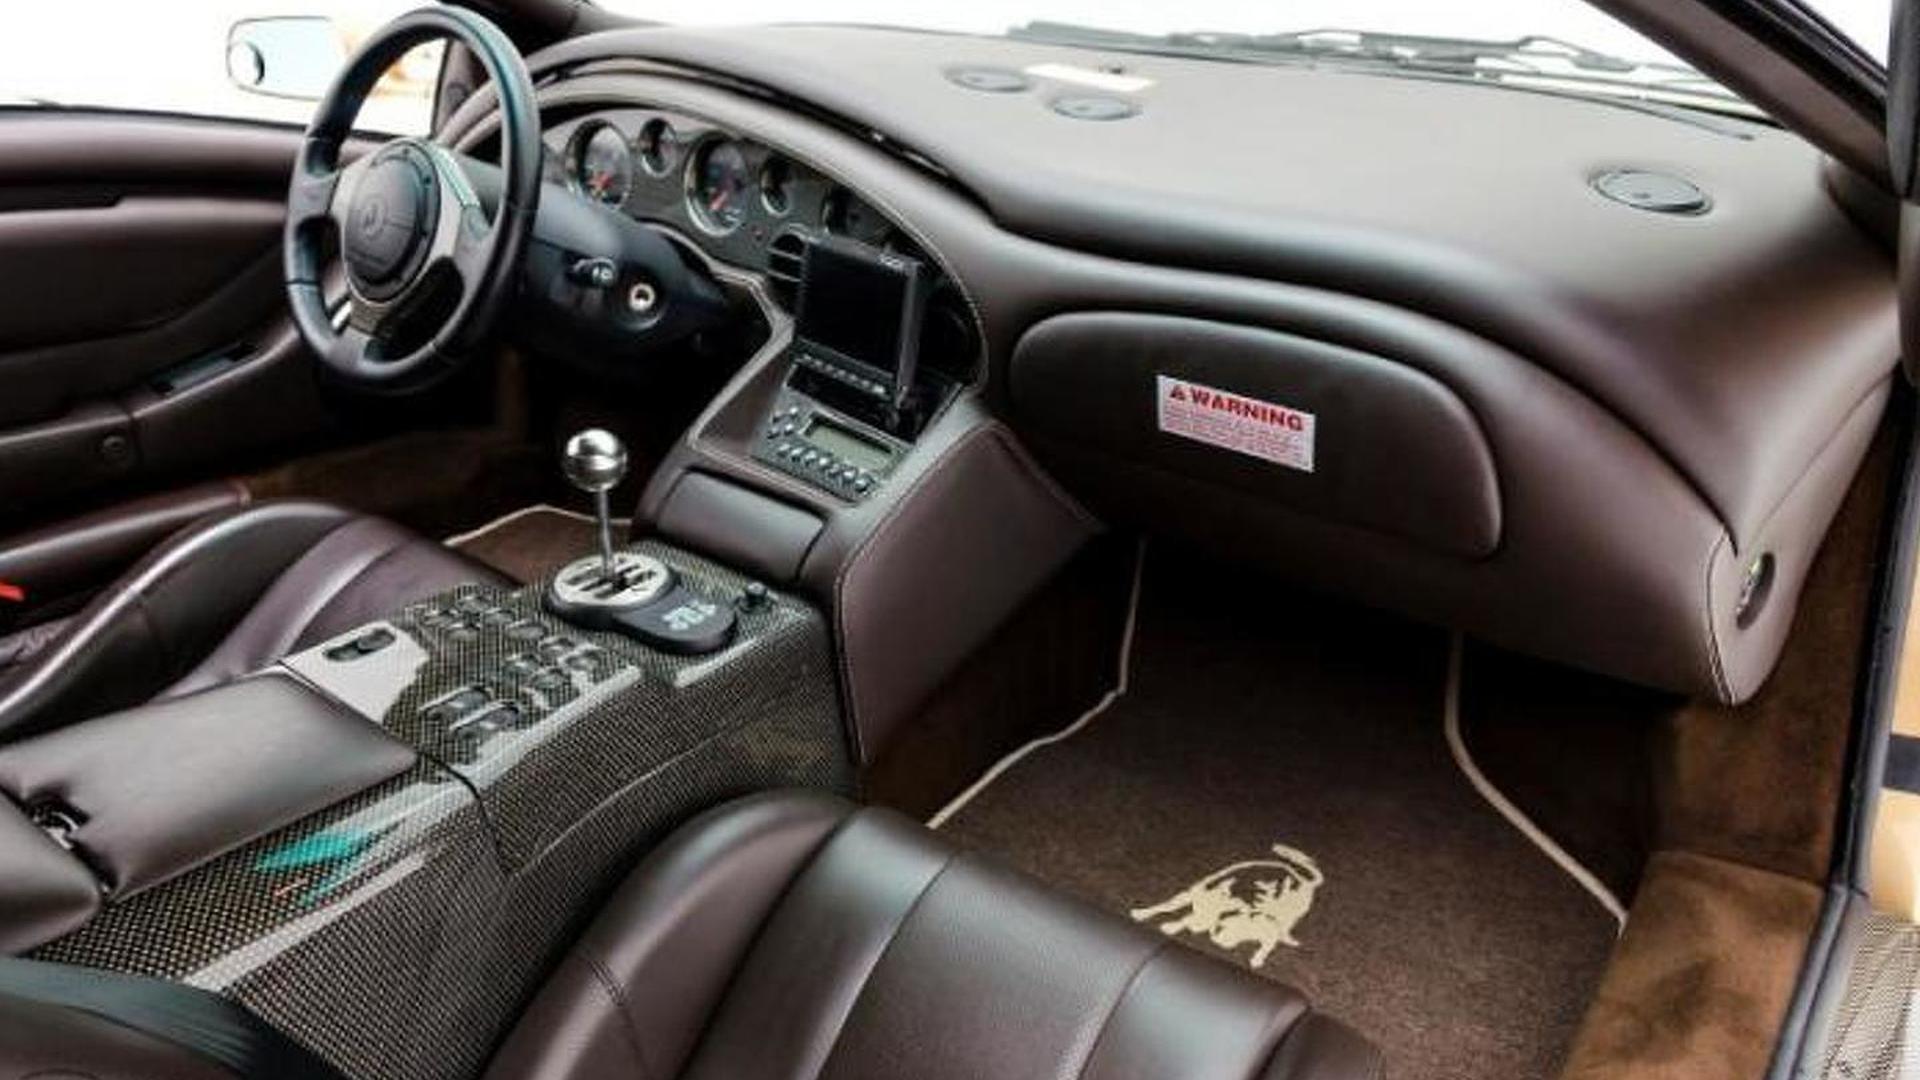 Фото салона Lamborghini Diablo 6.0 SE 2001 года